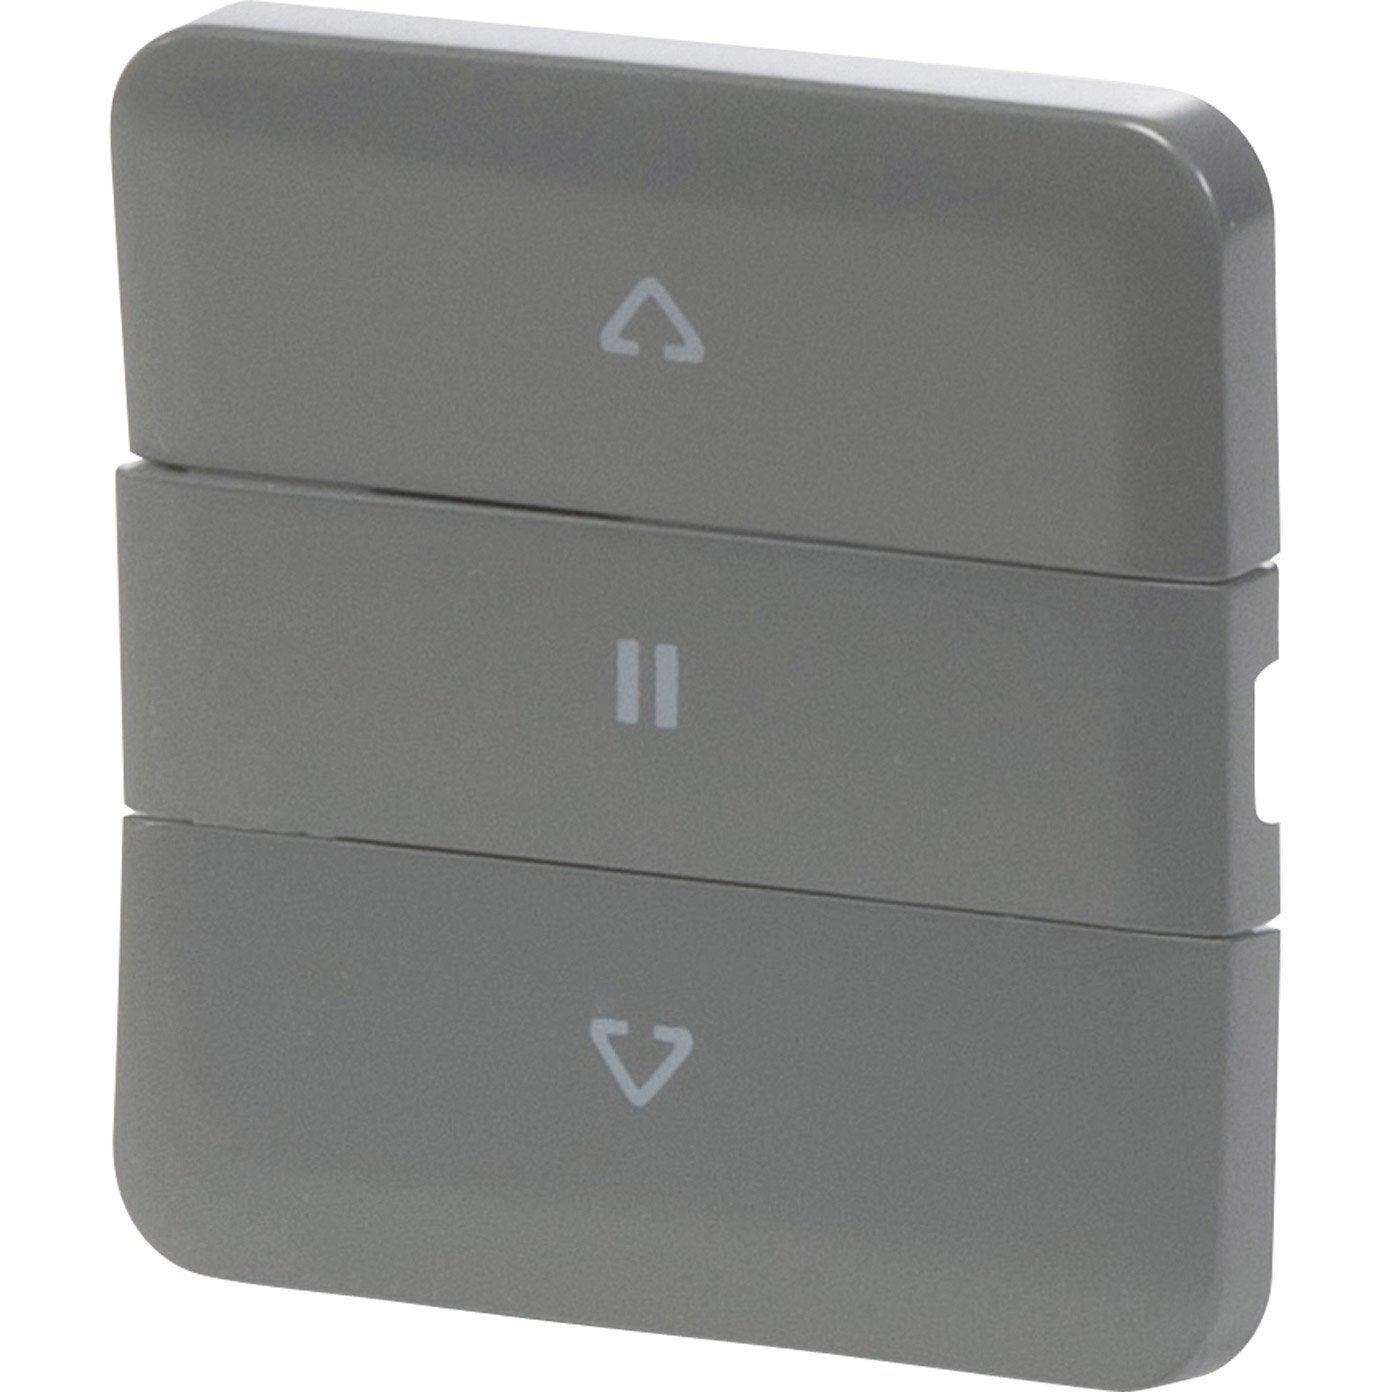 cache pour interrupteur volets roulants lexman gris gris. Black Bedroom Furniture Sets. Home Design Ideas